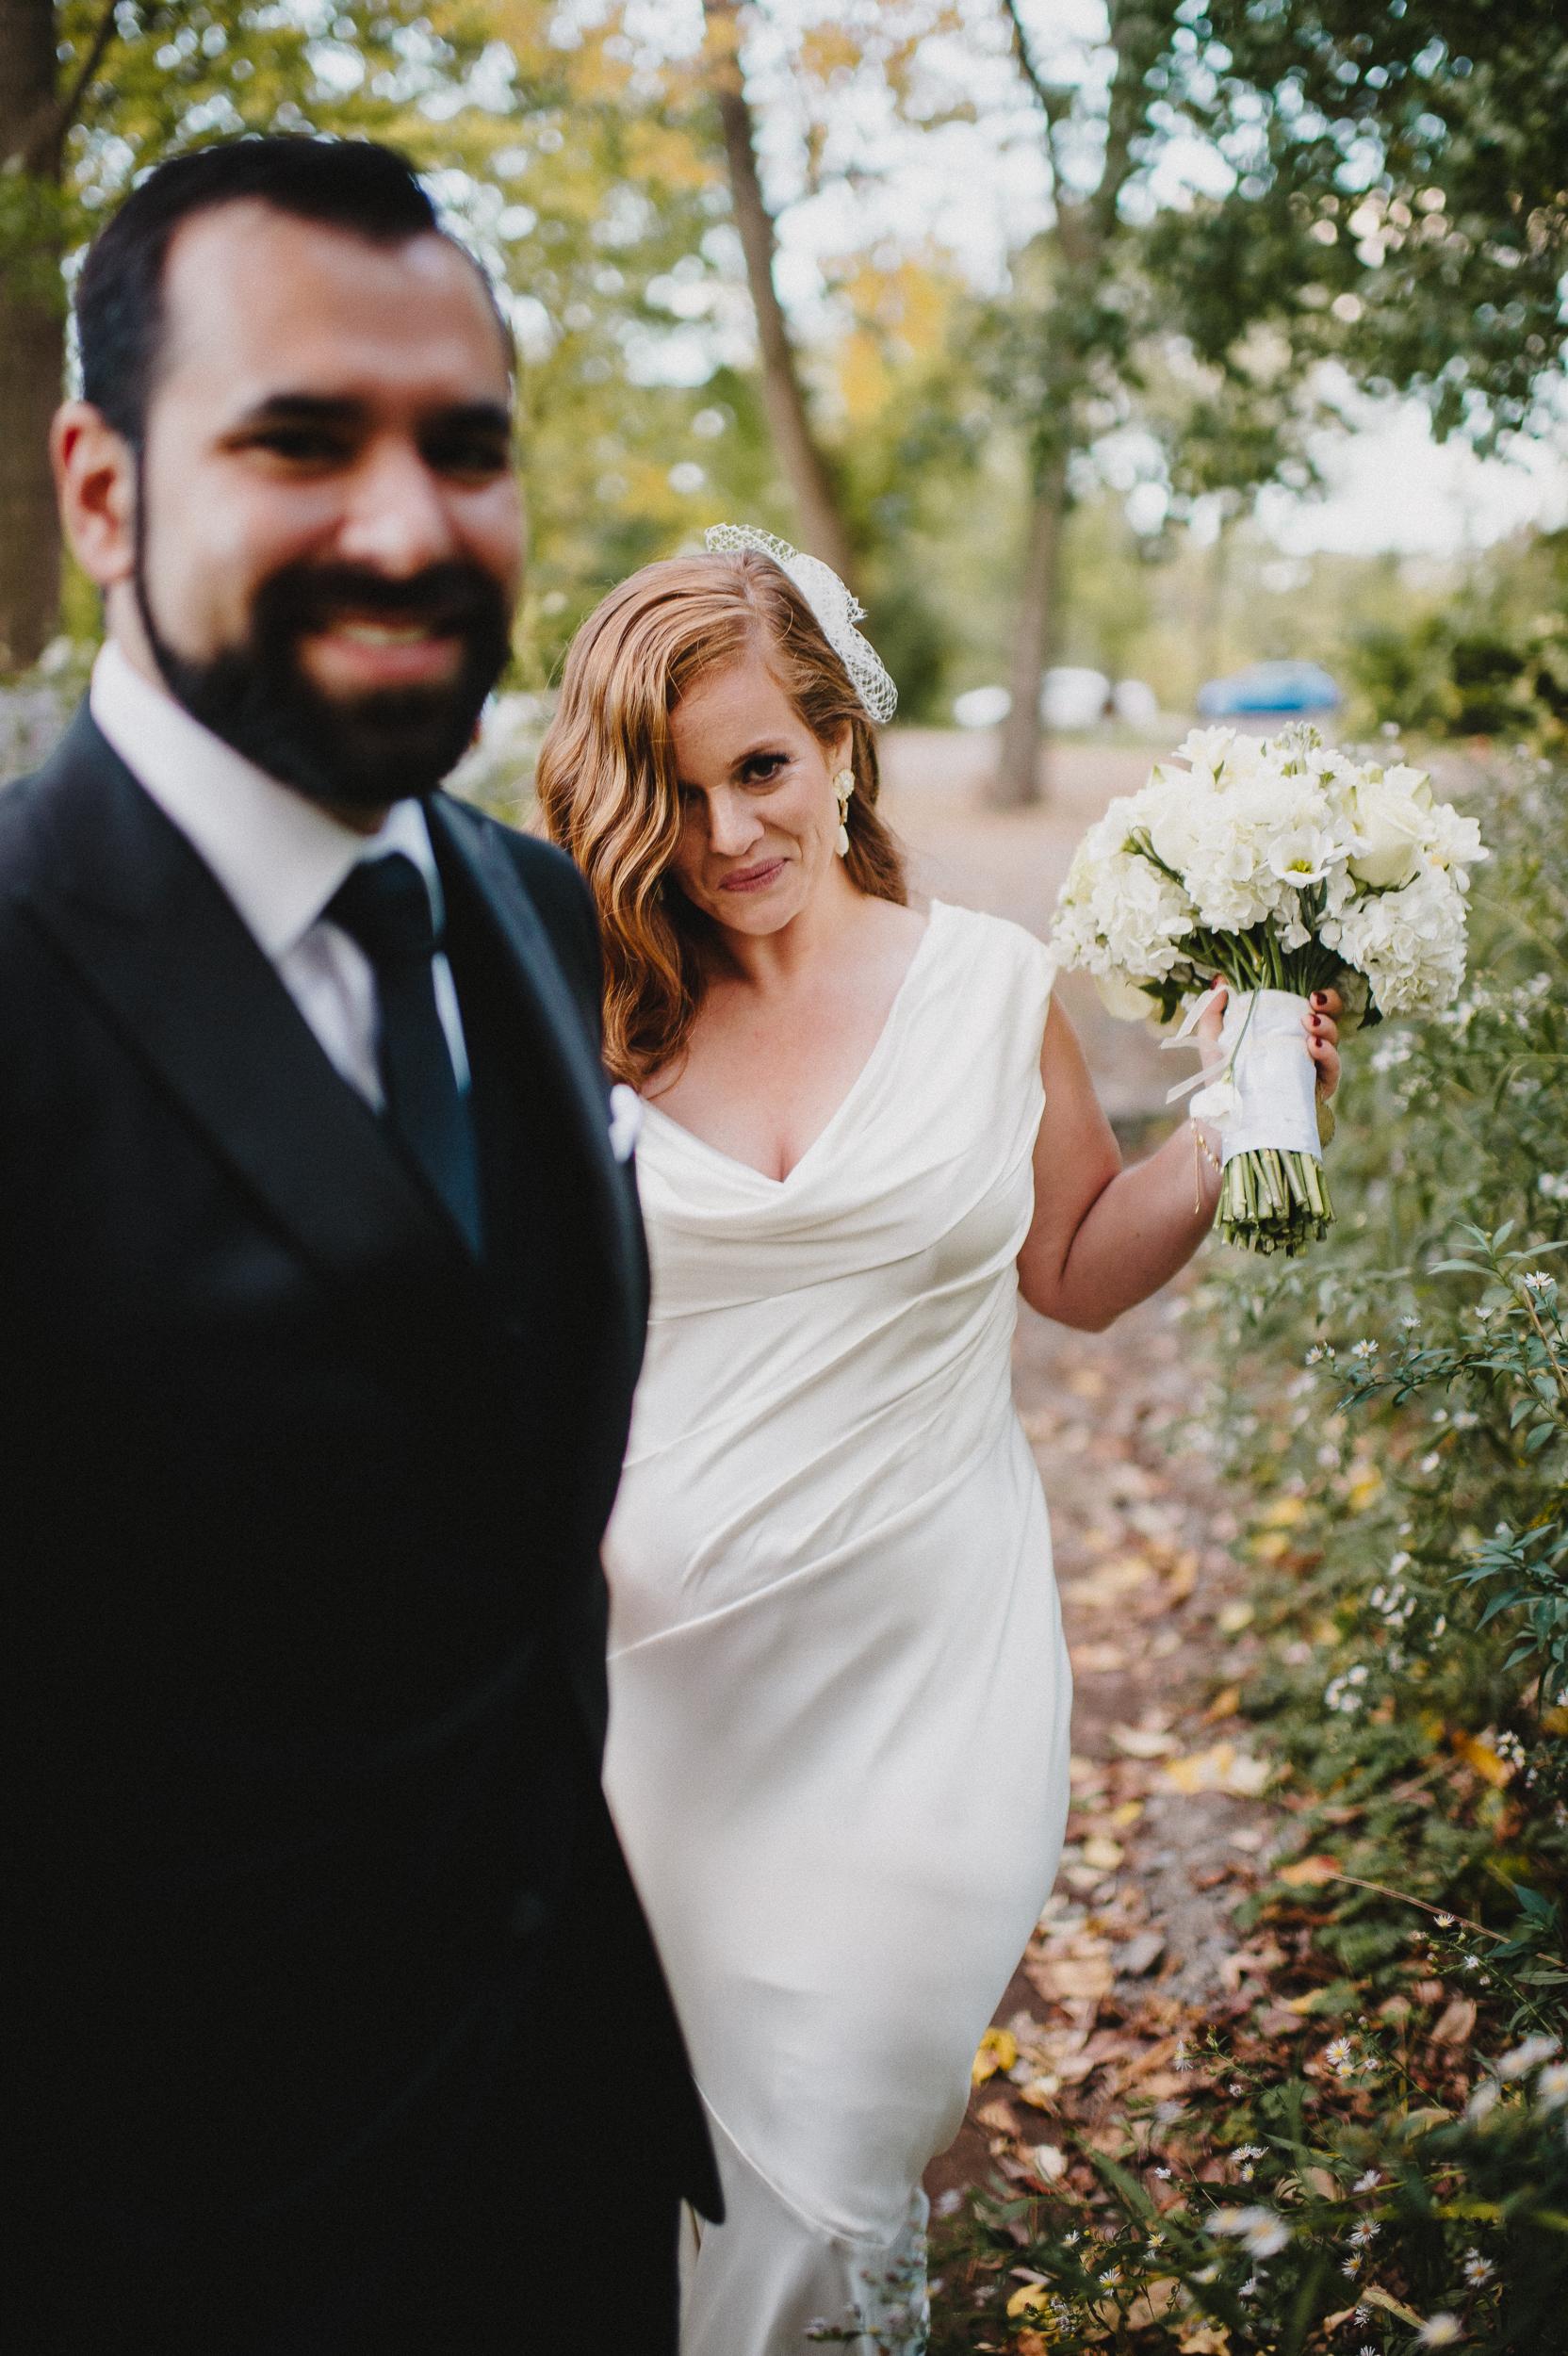 lambertville-station-wedding-photographer-27.jpg